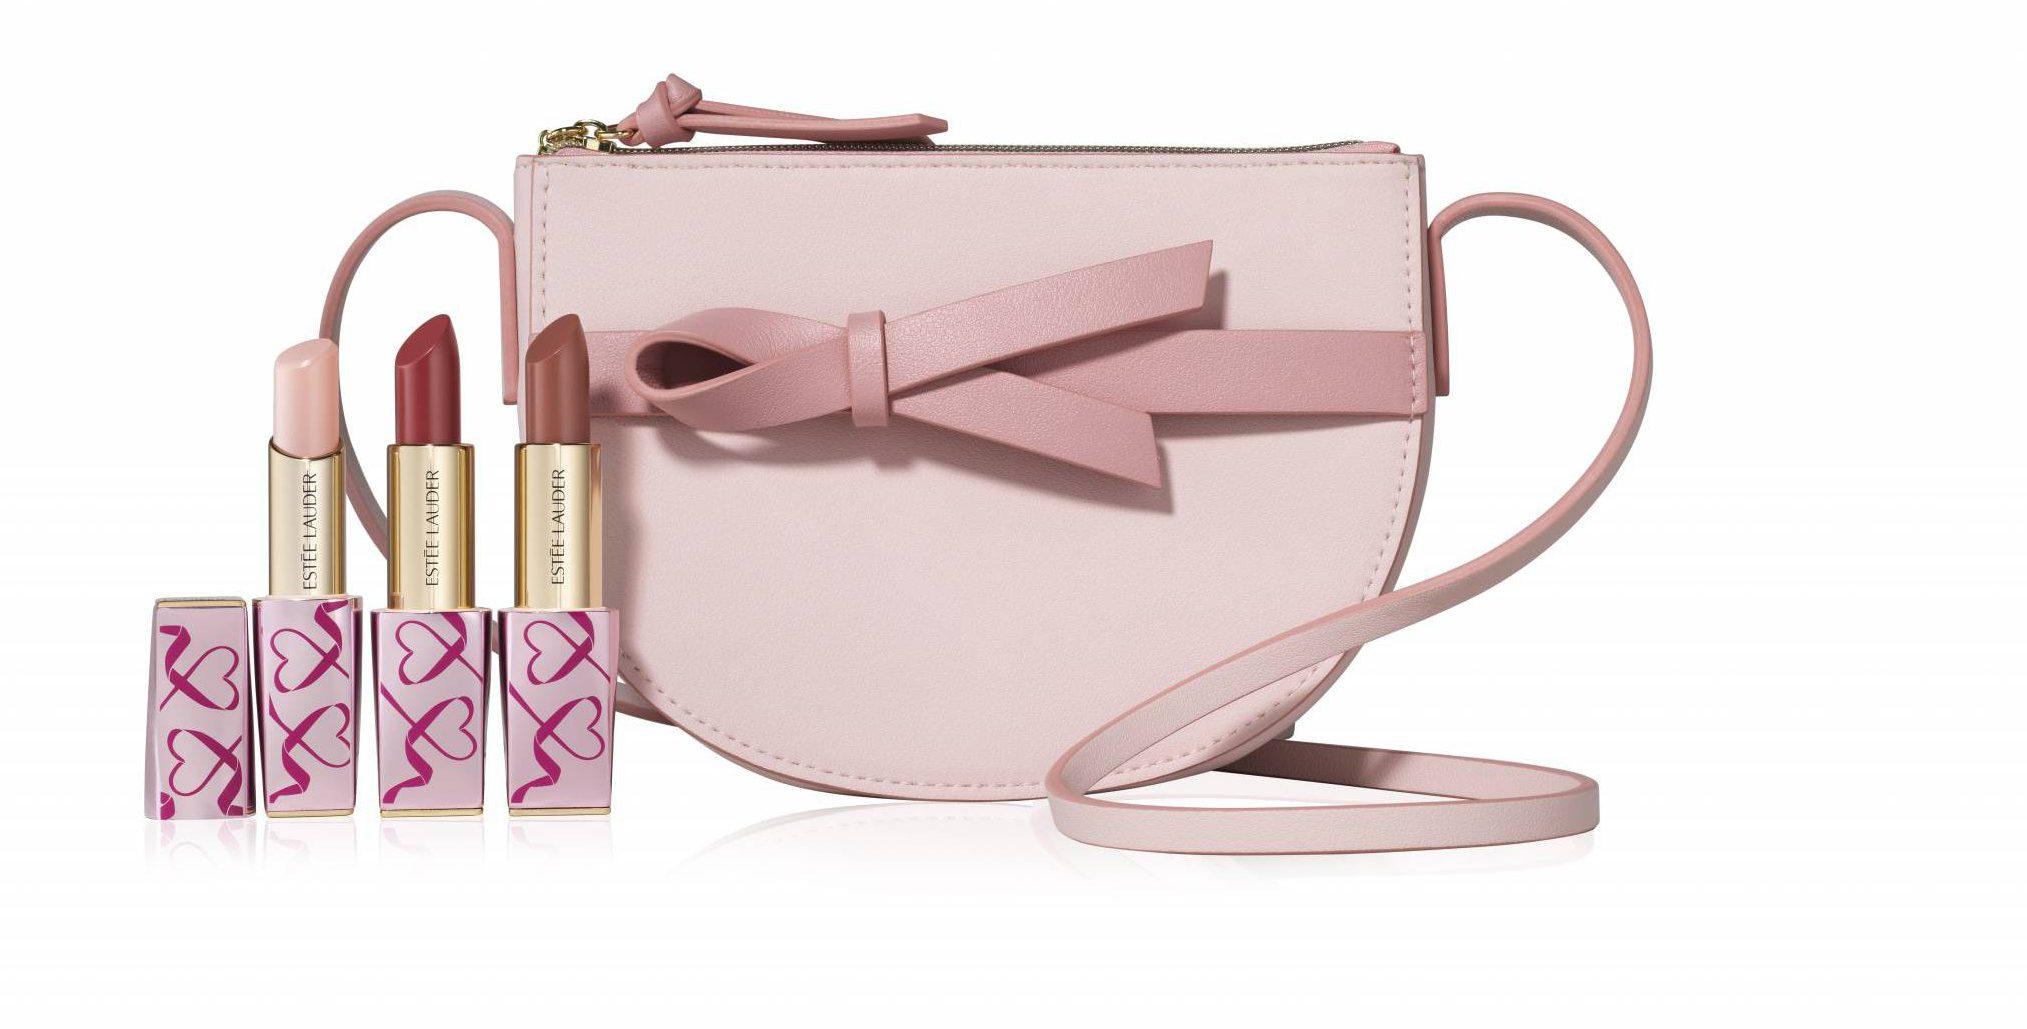 Kosmetyki z różową wstążką